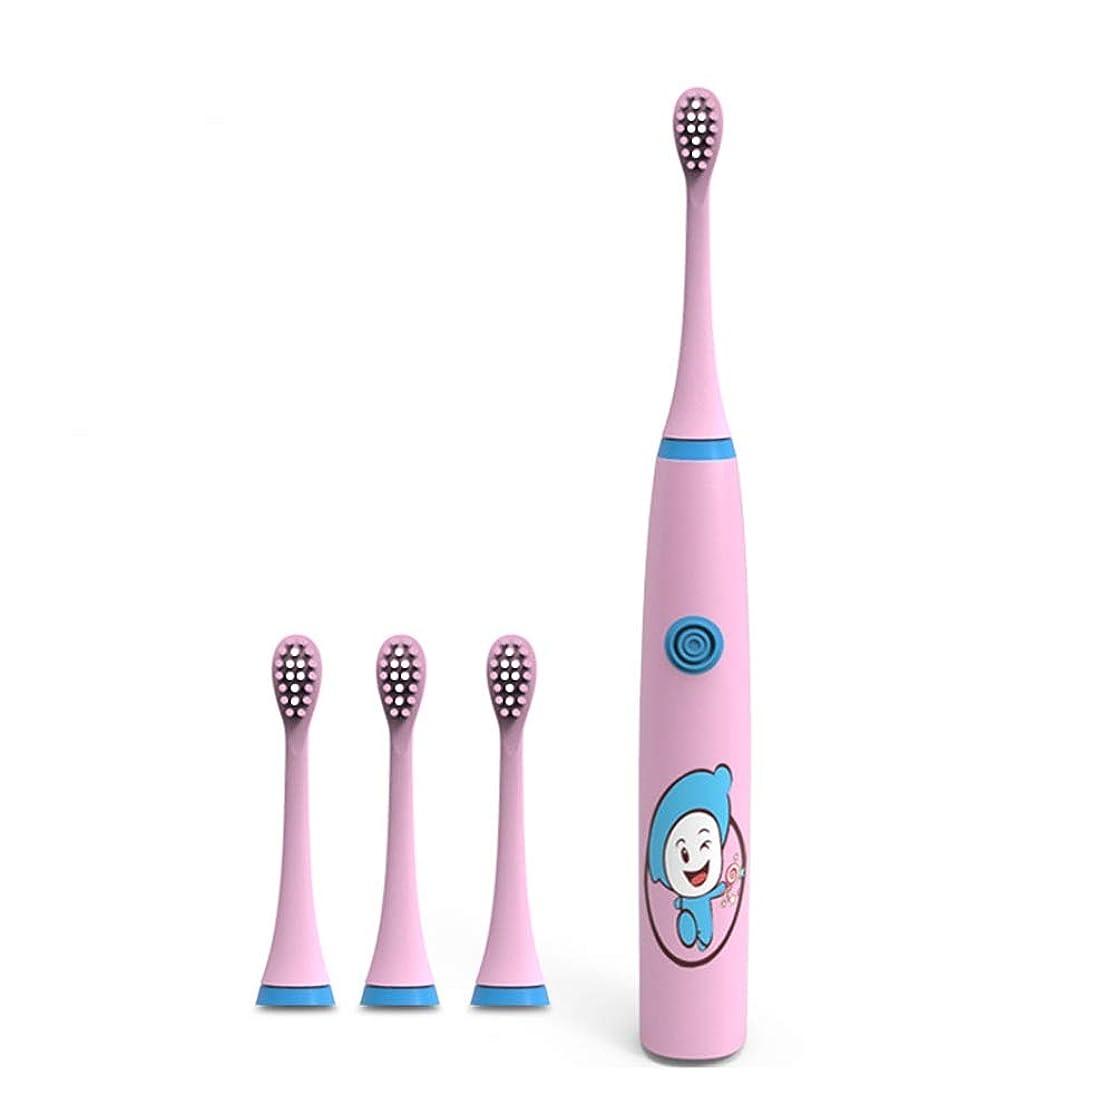 見物人望ましい賞自動歯ブラシ 子供の防水USB充電ベースの柔らかい髪のきれいなかわいい電動歯ブラシで (色 : ピンク, サイズ : Free size)